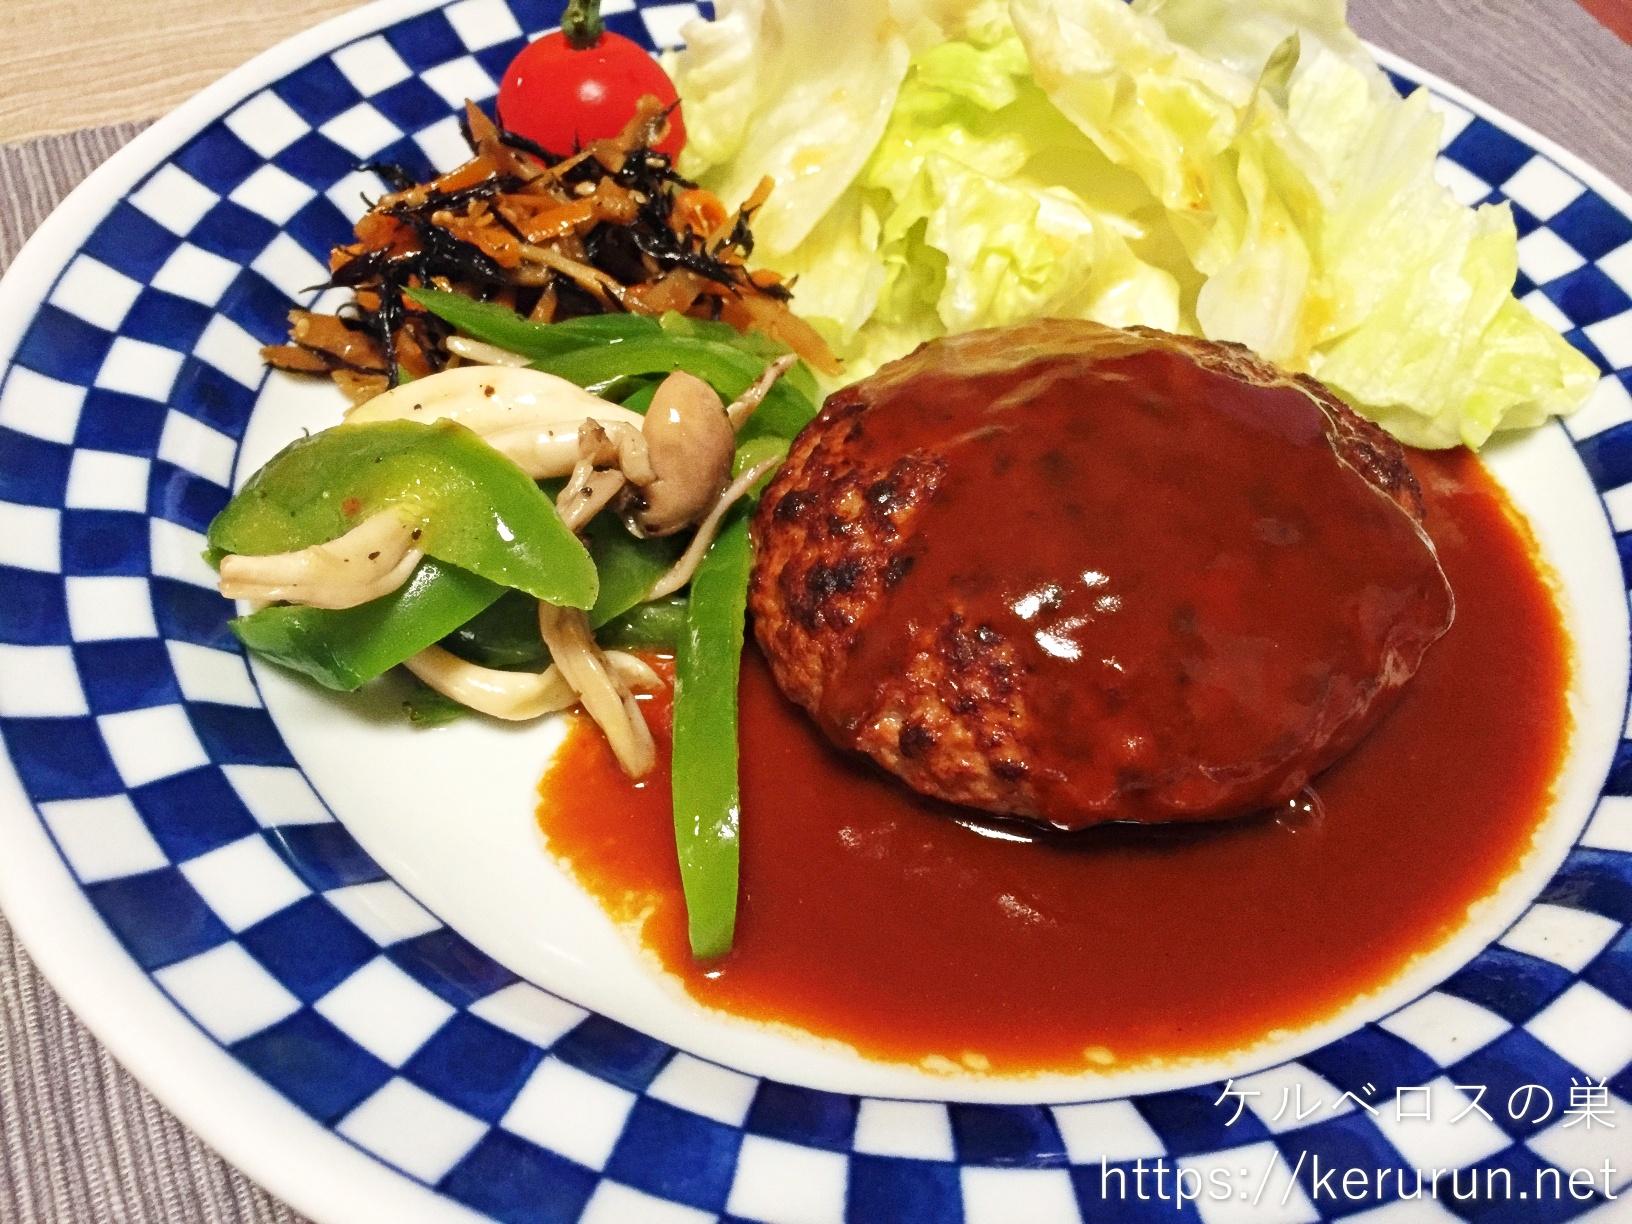 チルドハンバーグと常備菜の晩ごはん